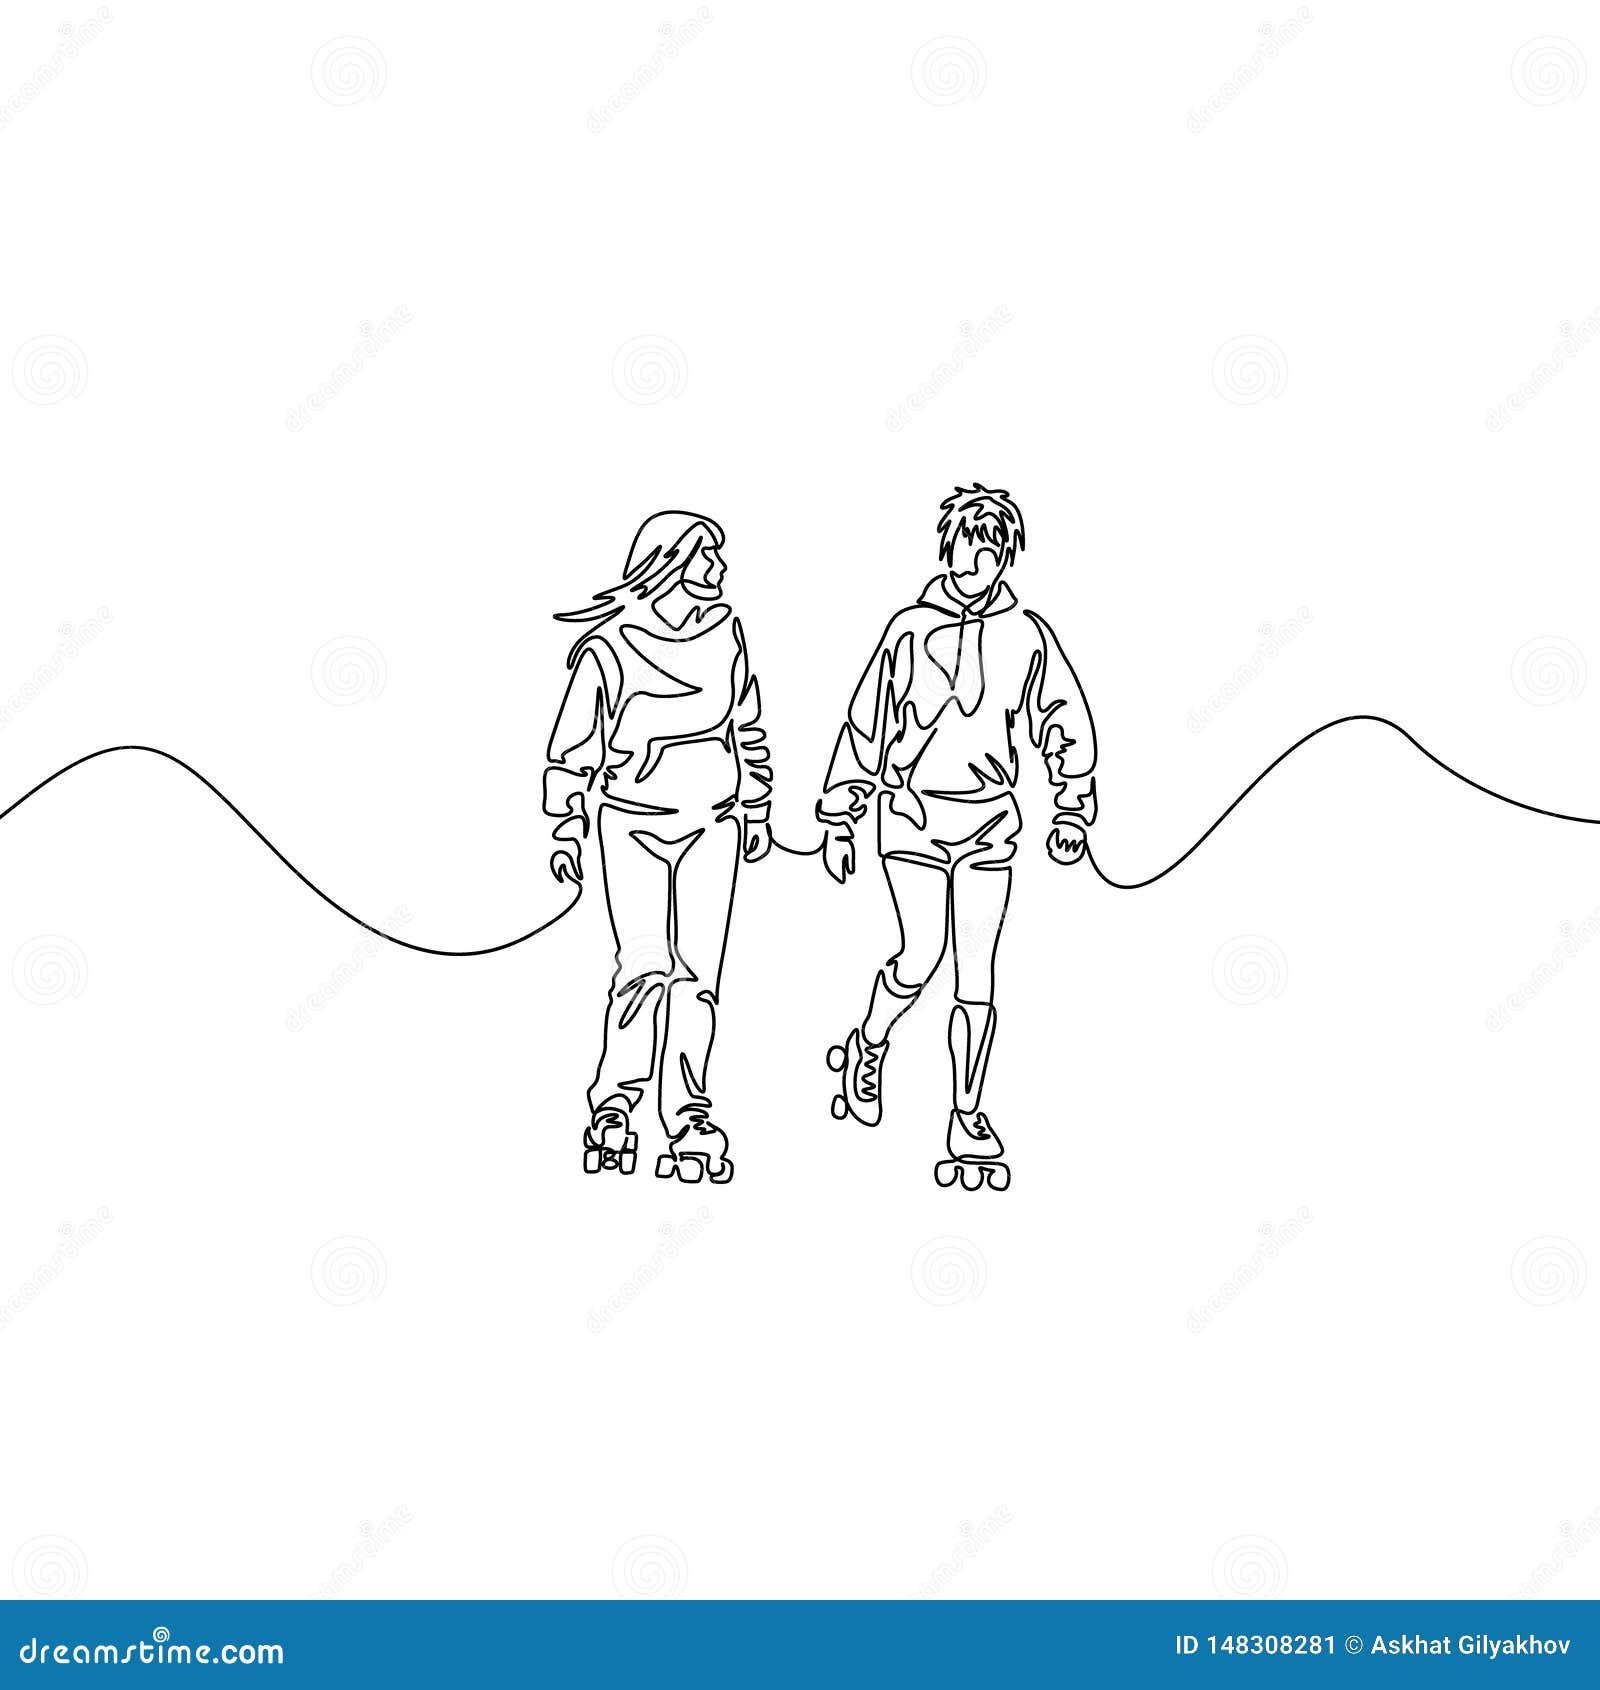 Ununterbrochene Linie rollerblading Freunde Zwei rollerblading Freundinnen Sport, Erholung, Freundschaft, entspannt sich, Hobby